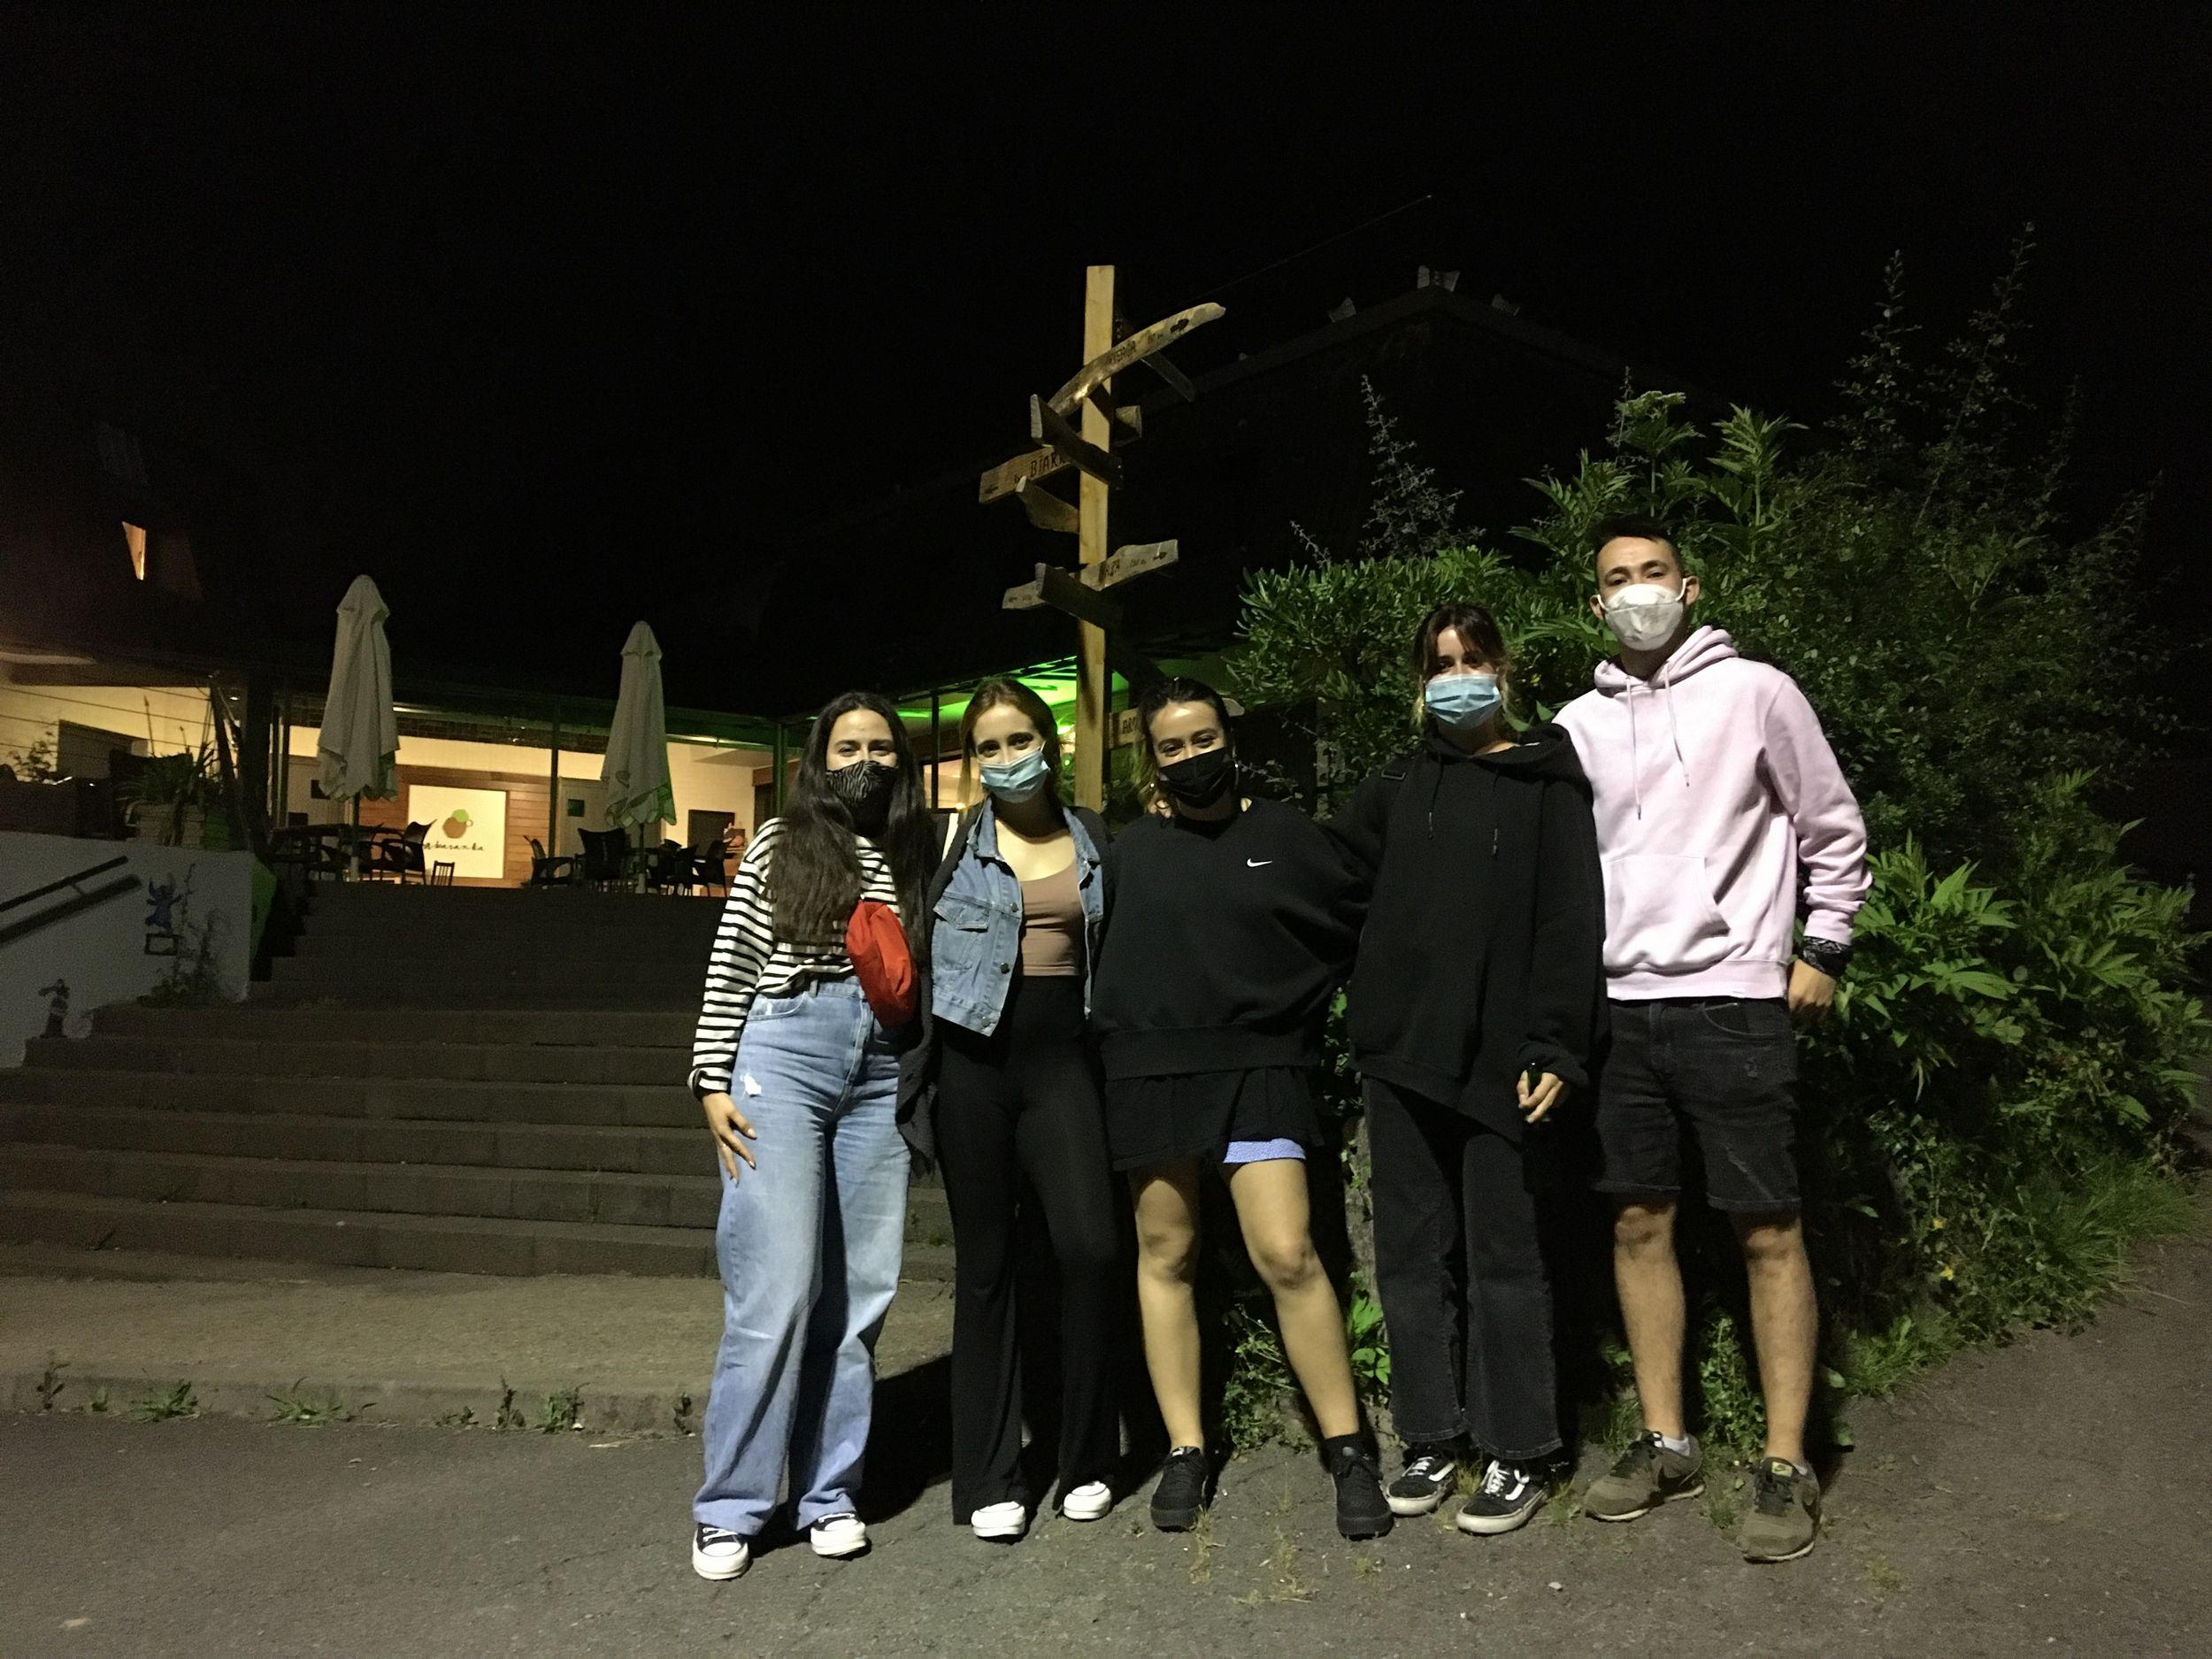 grupo-amigas-hostel-pais-vasco